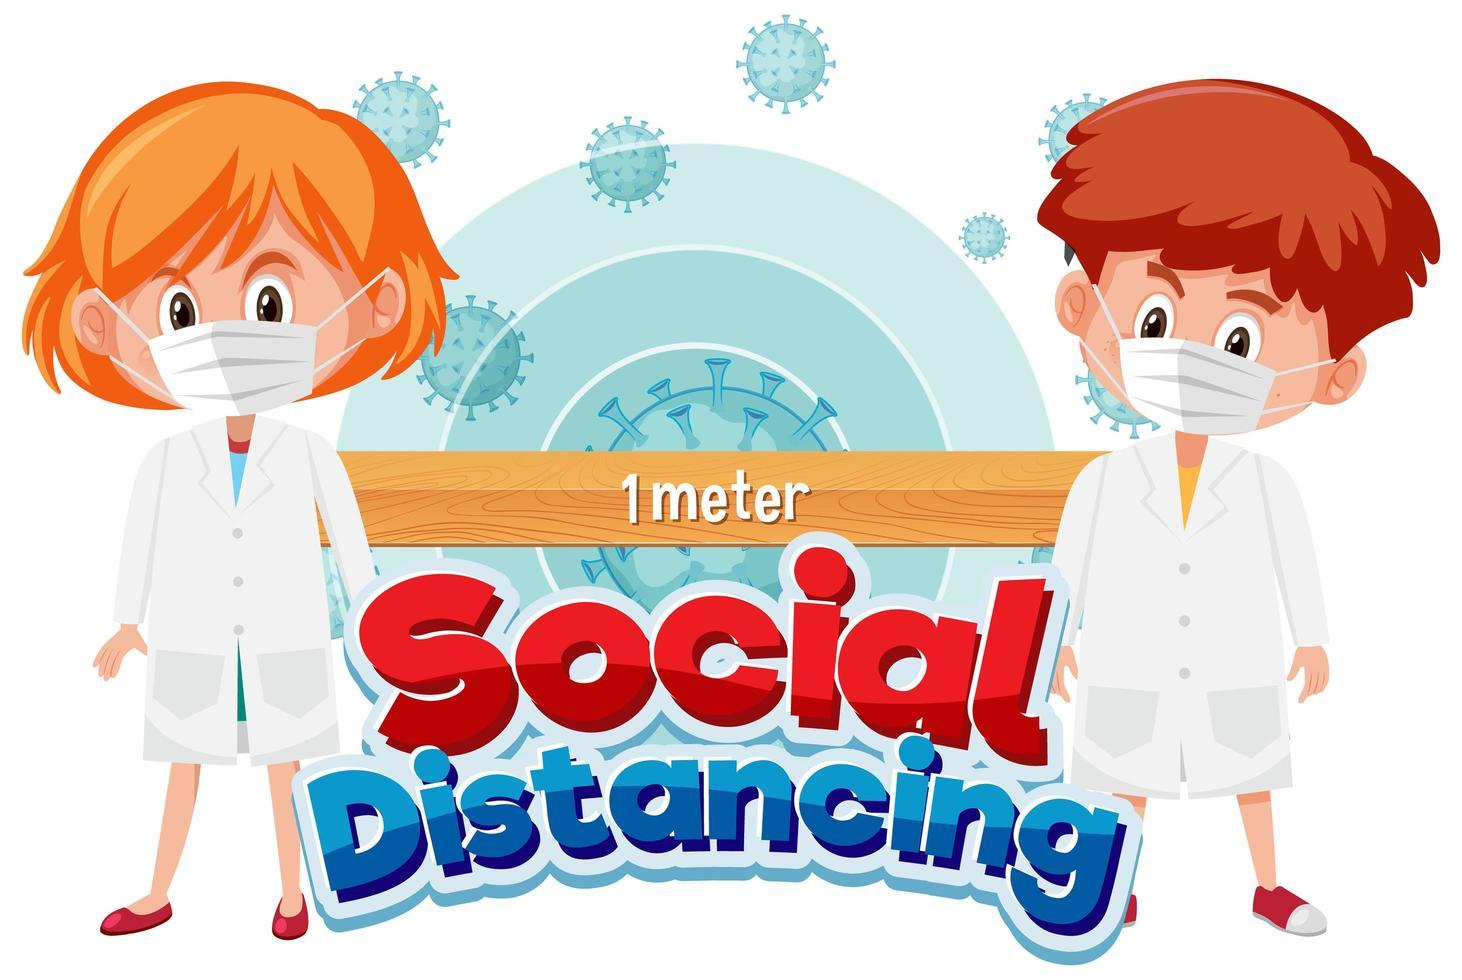 Plakat mit Kindern in Masken soziale Distanzierung vektor